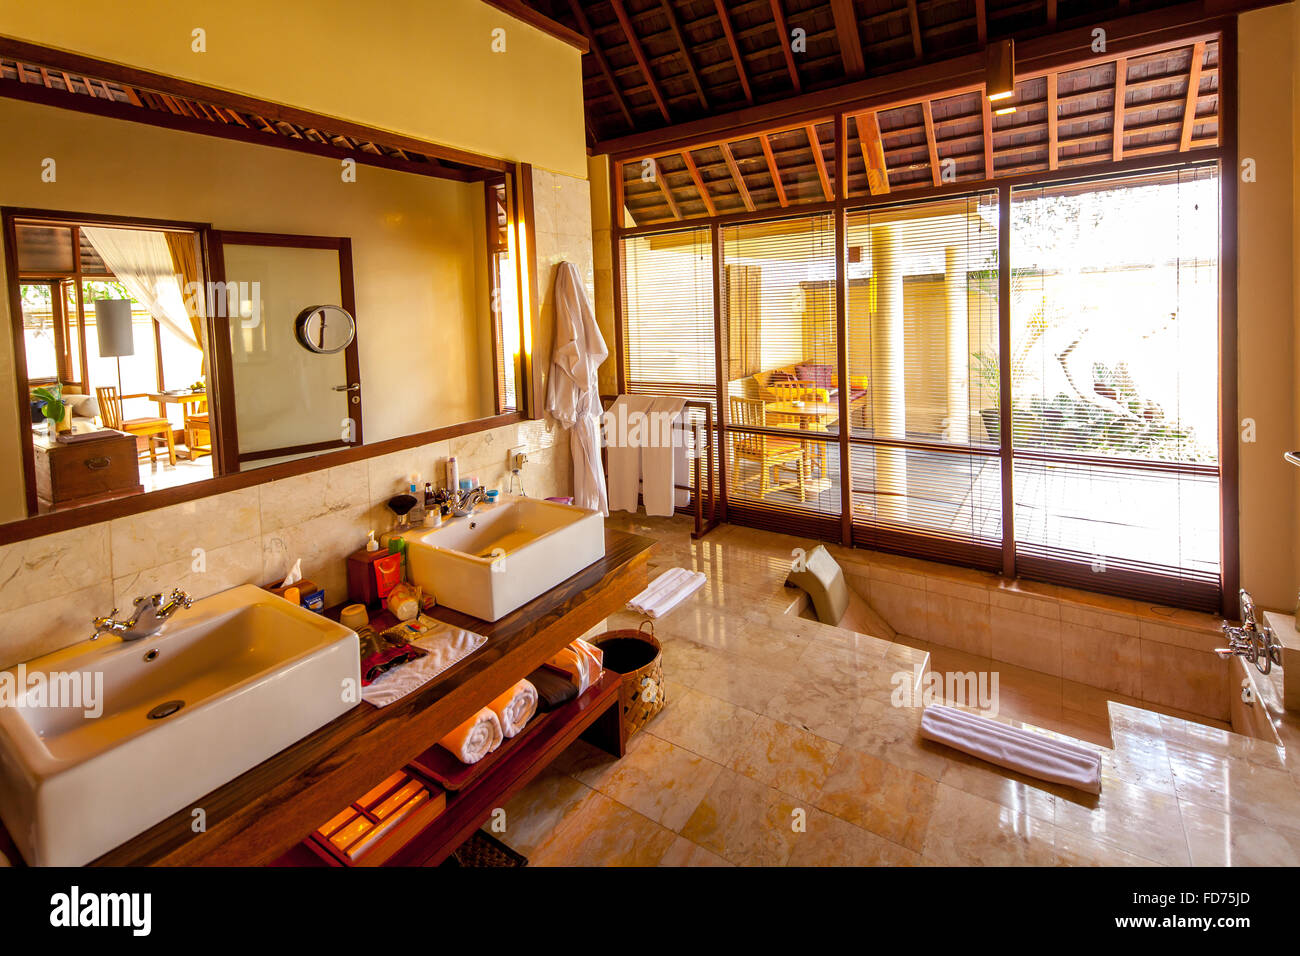 Badezimmer in ein gutes Hotel, Tourismus, Reisen, Ubud, Bali, Indonesien, Asien Stockbild